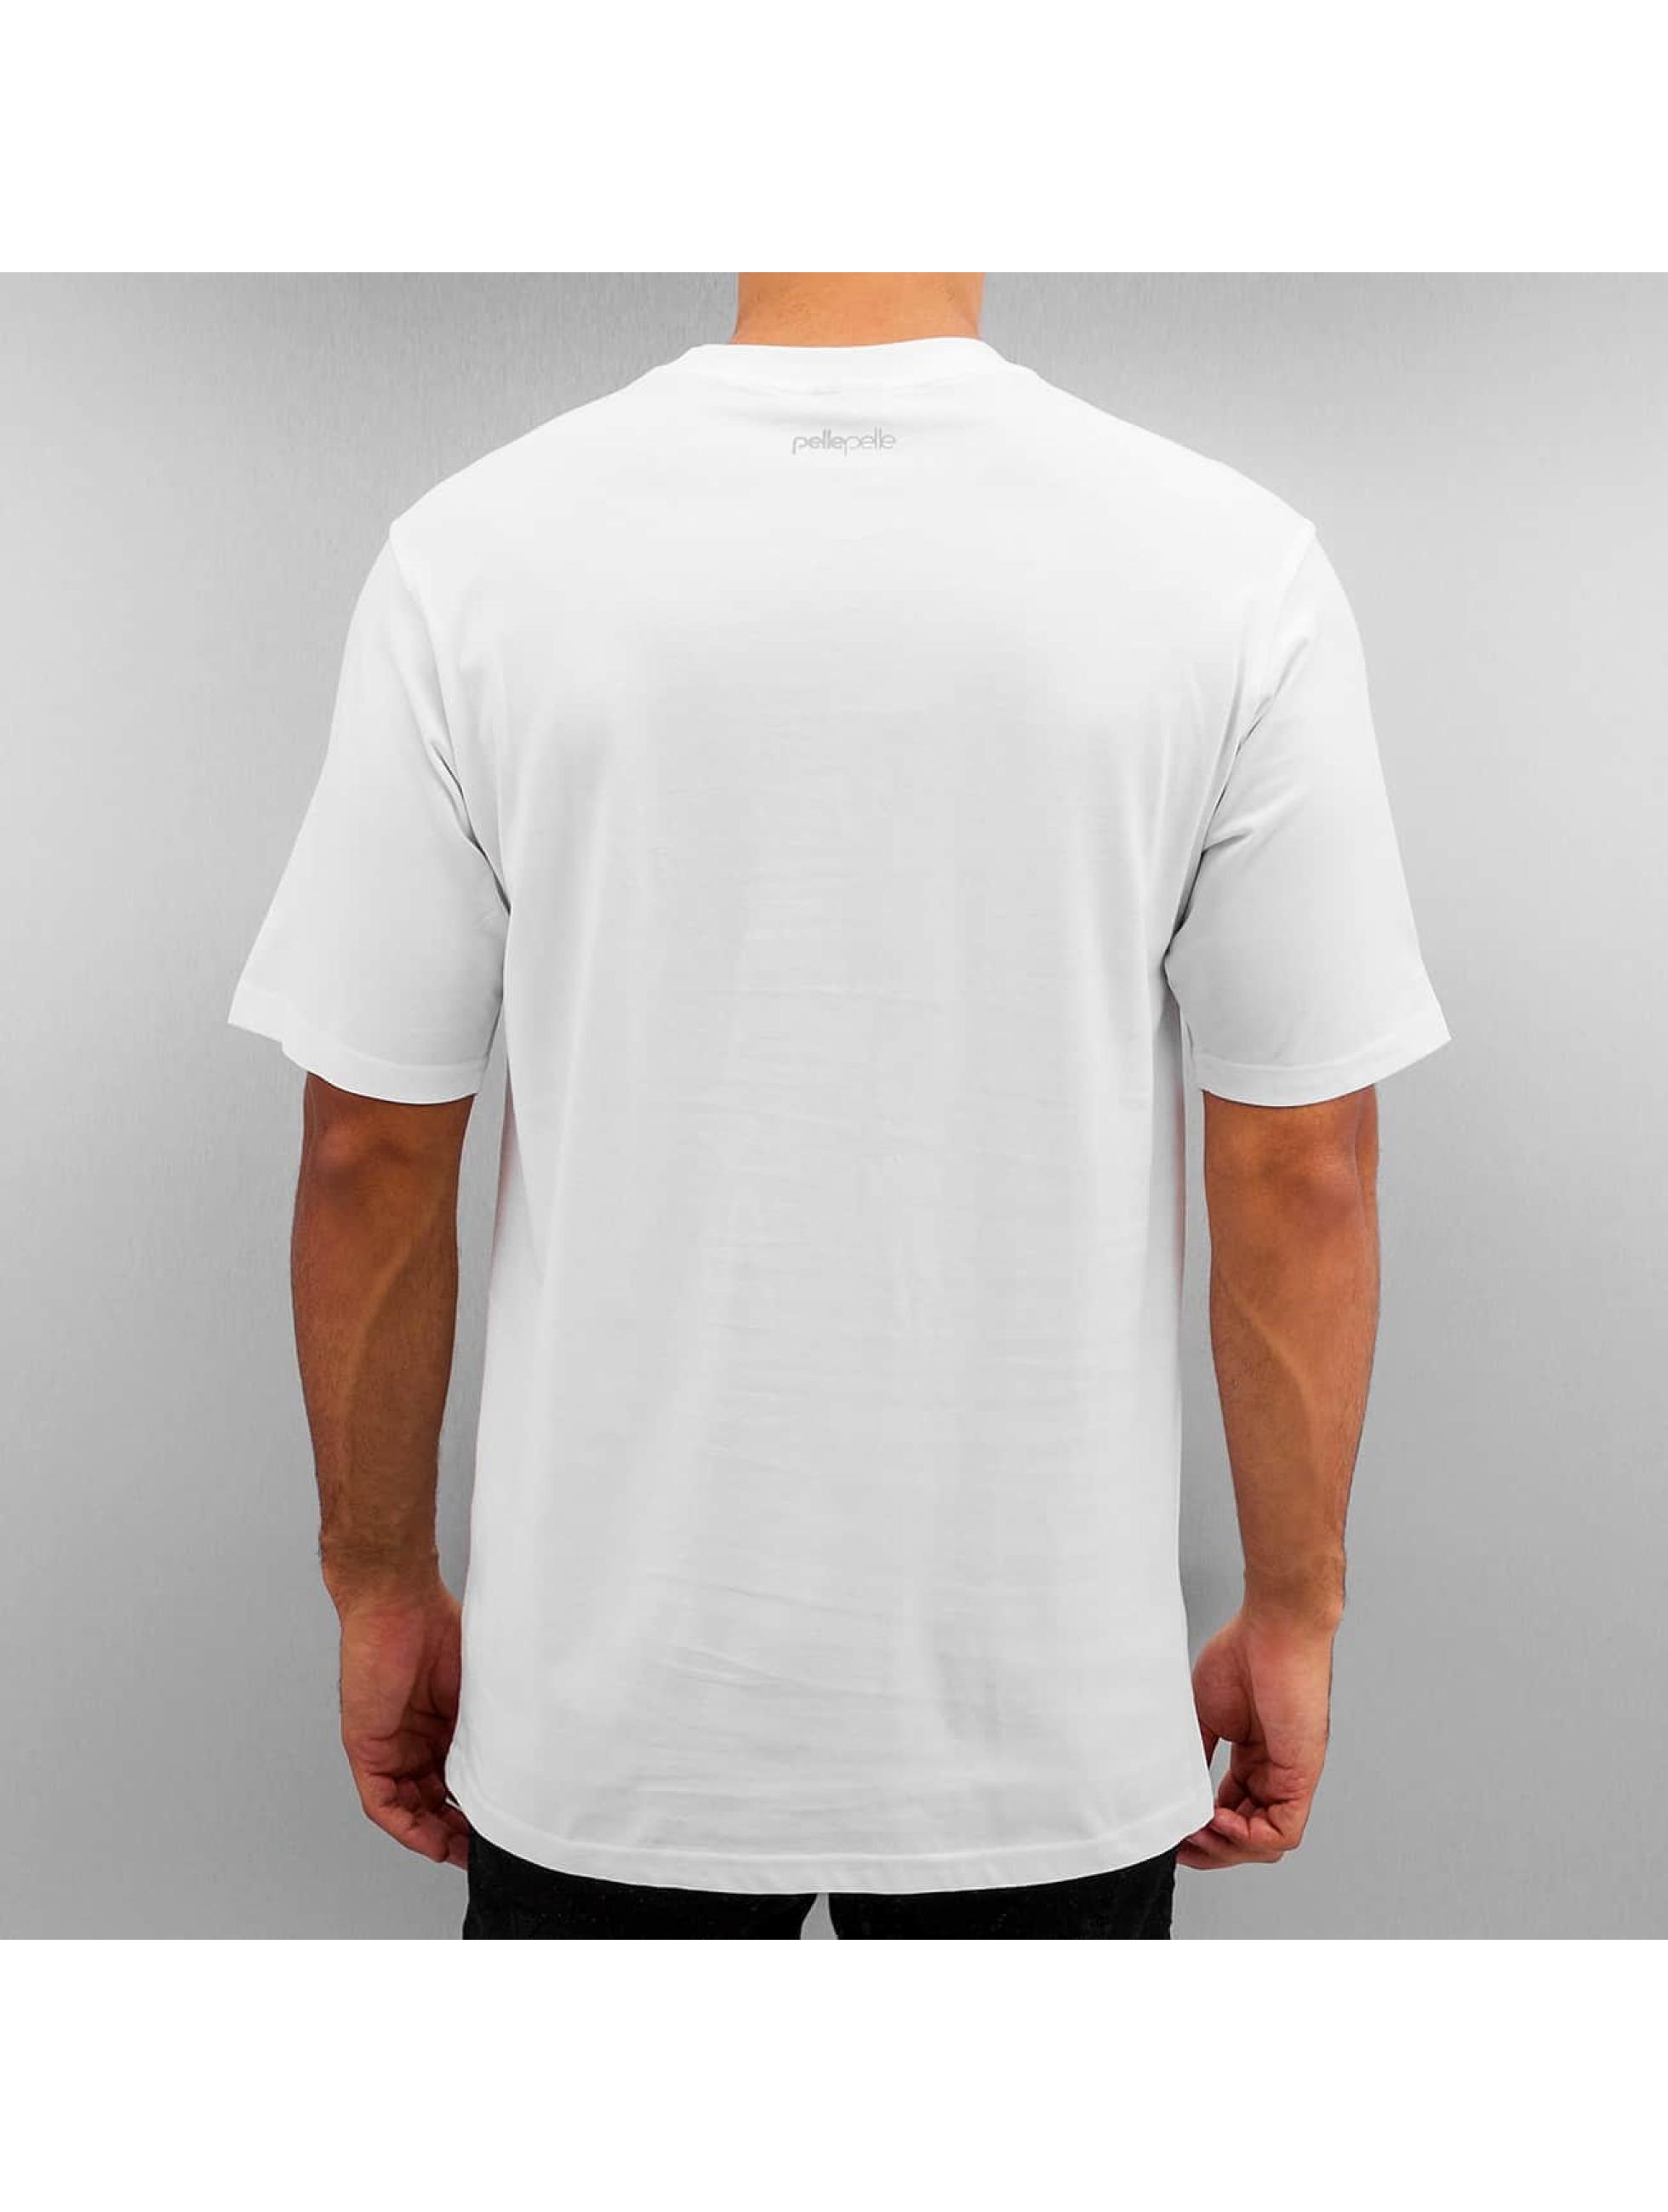 Pelle Pelle T-Shirt 50/50 Dark Maze white